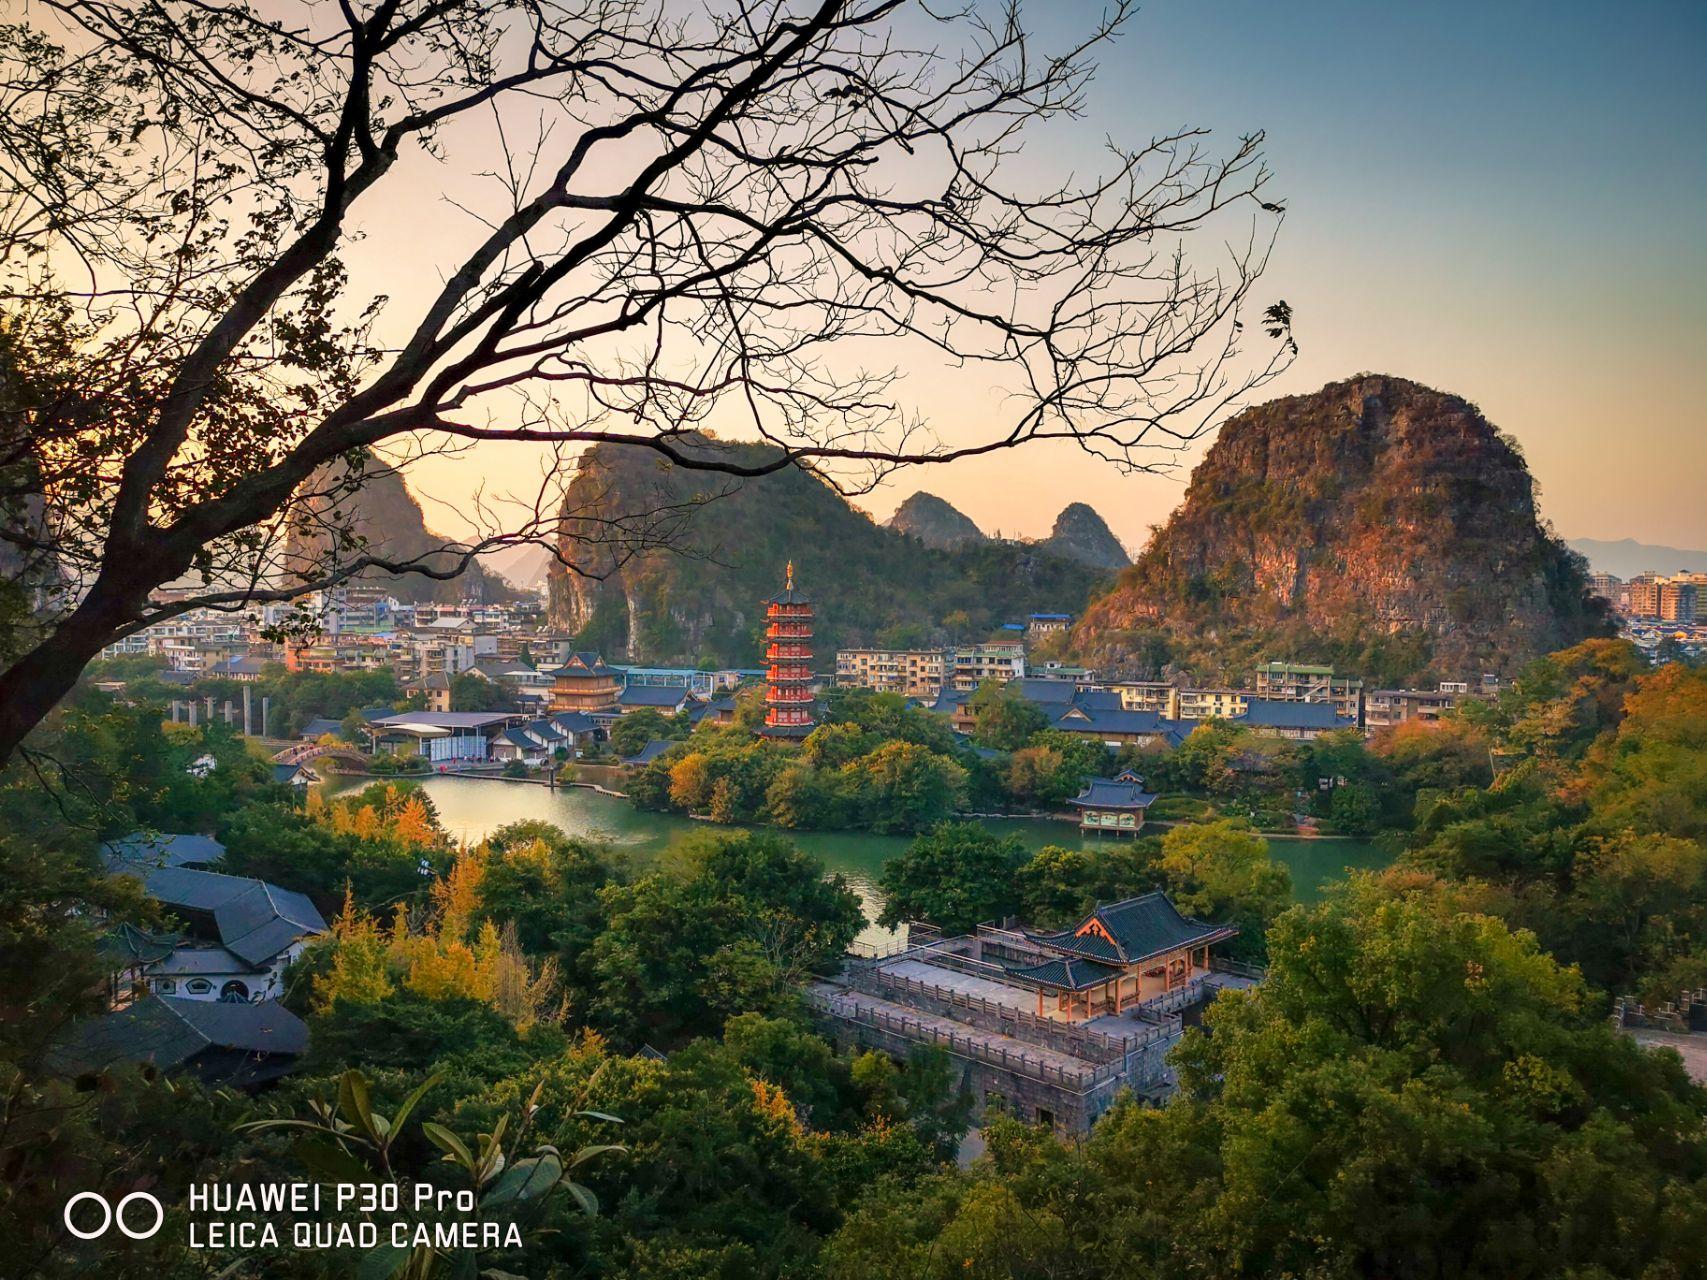 广西桂林  七星公园山顶 华为P30PRO  南笙子.jpg